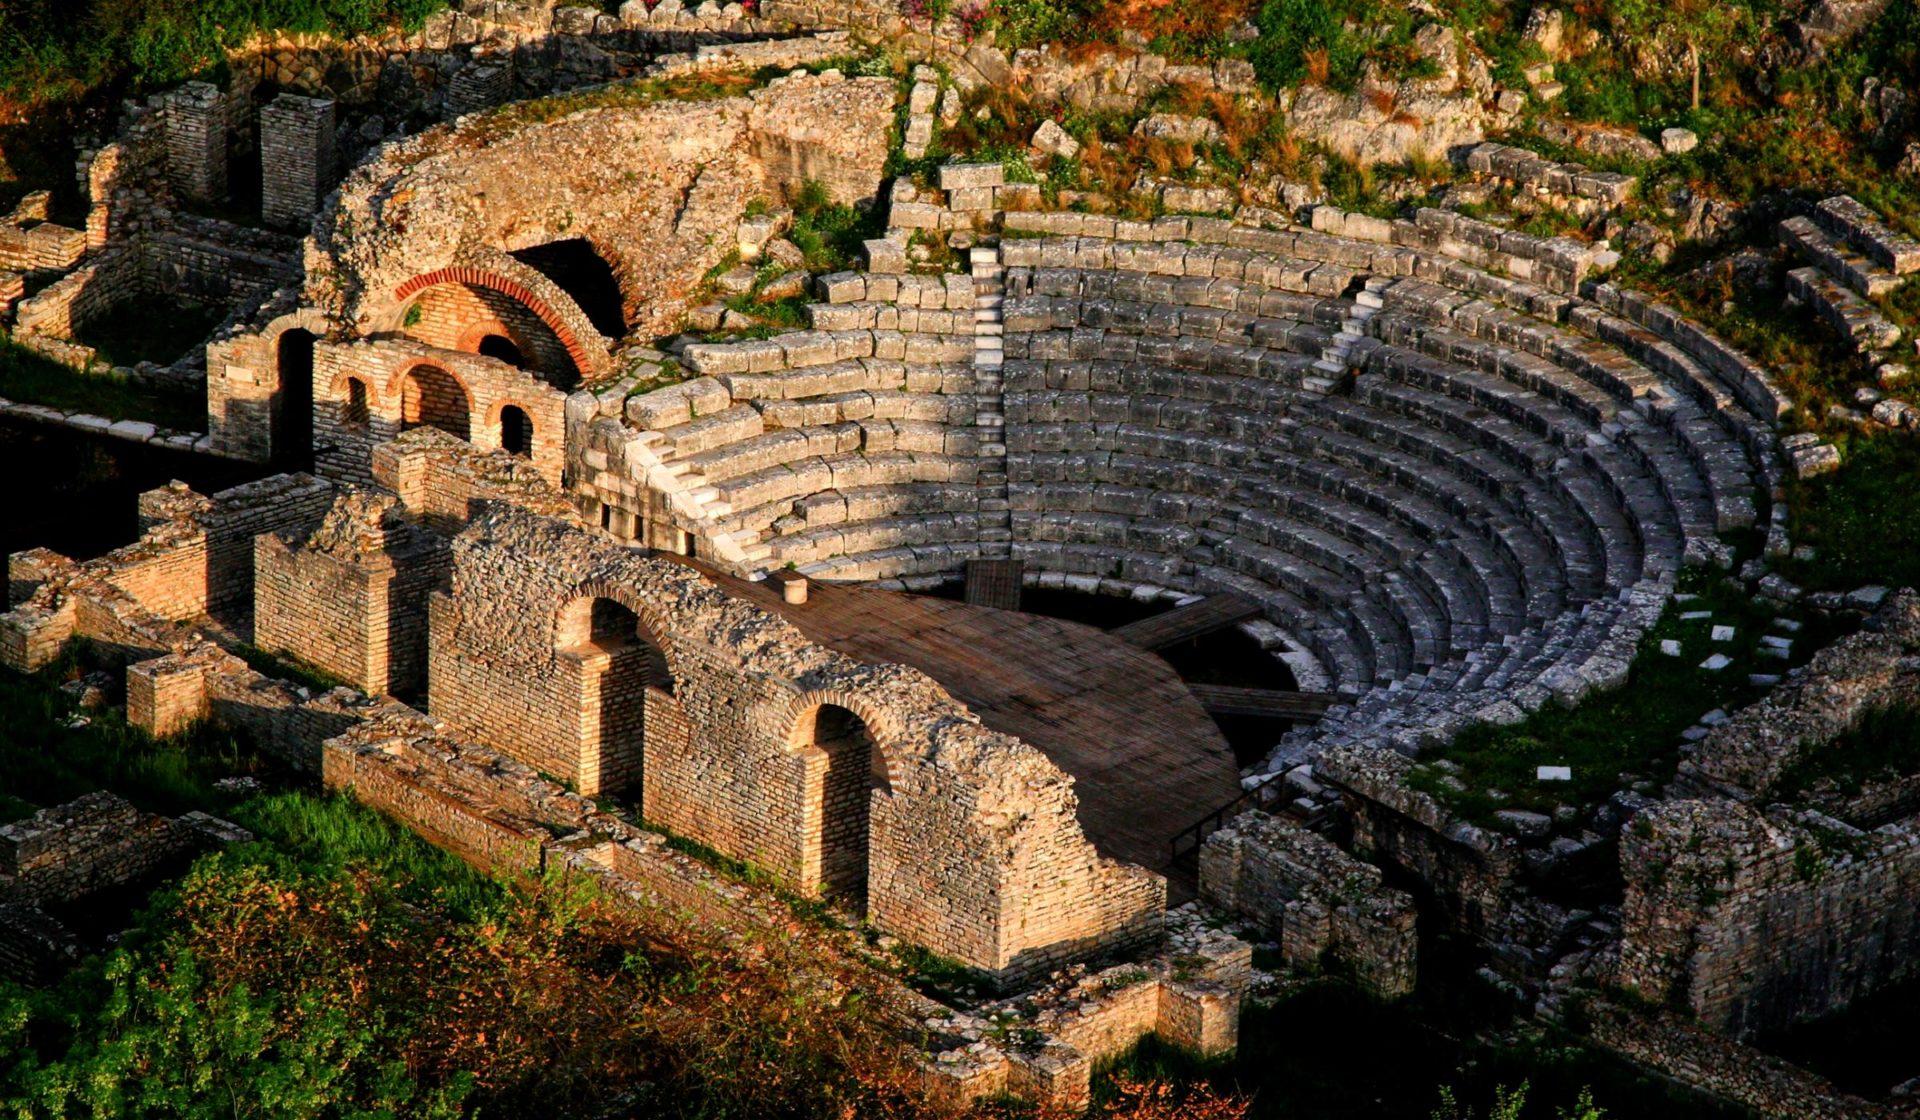 Turismo culturale in Albania, sito archeologico di Butrint